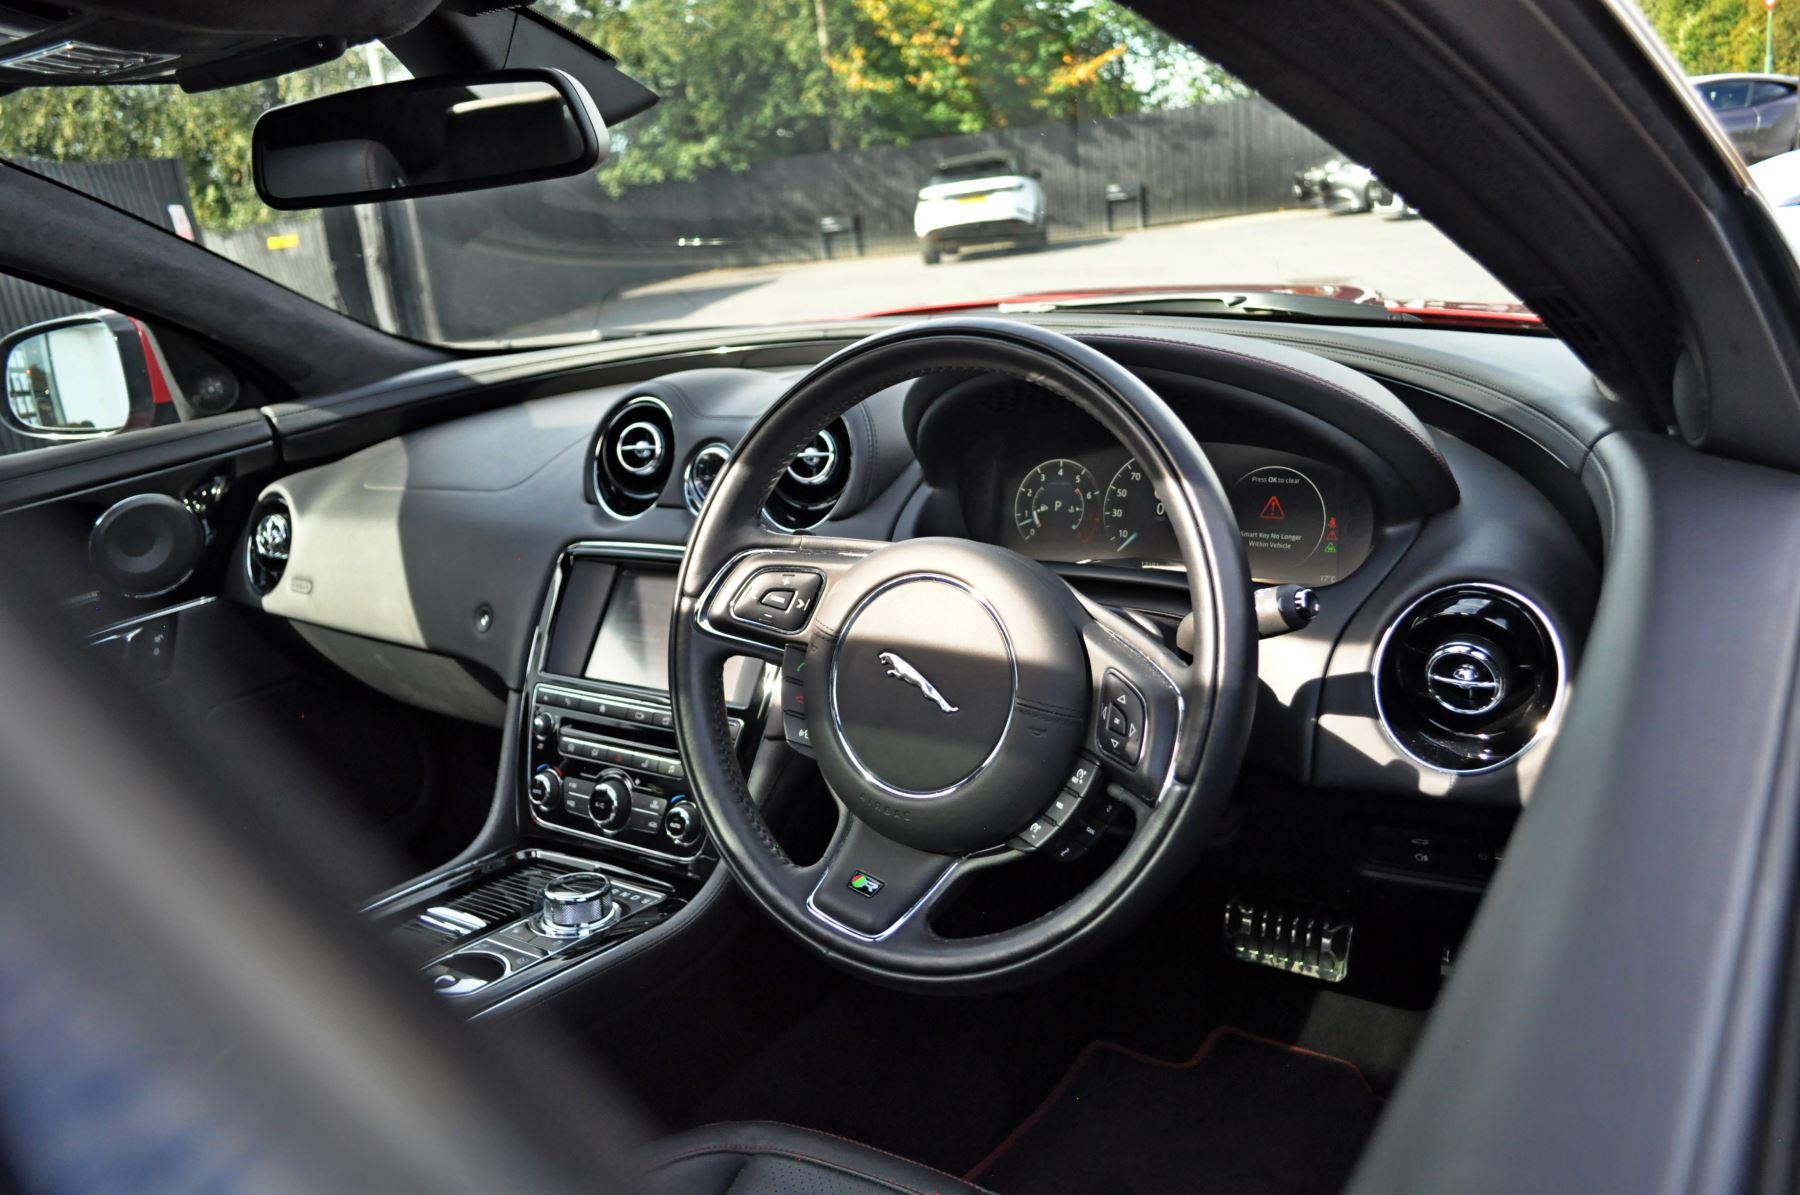 Jaguar XJ 5.0 V8 Supercharged XJR image 14